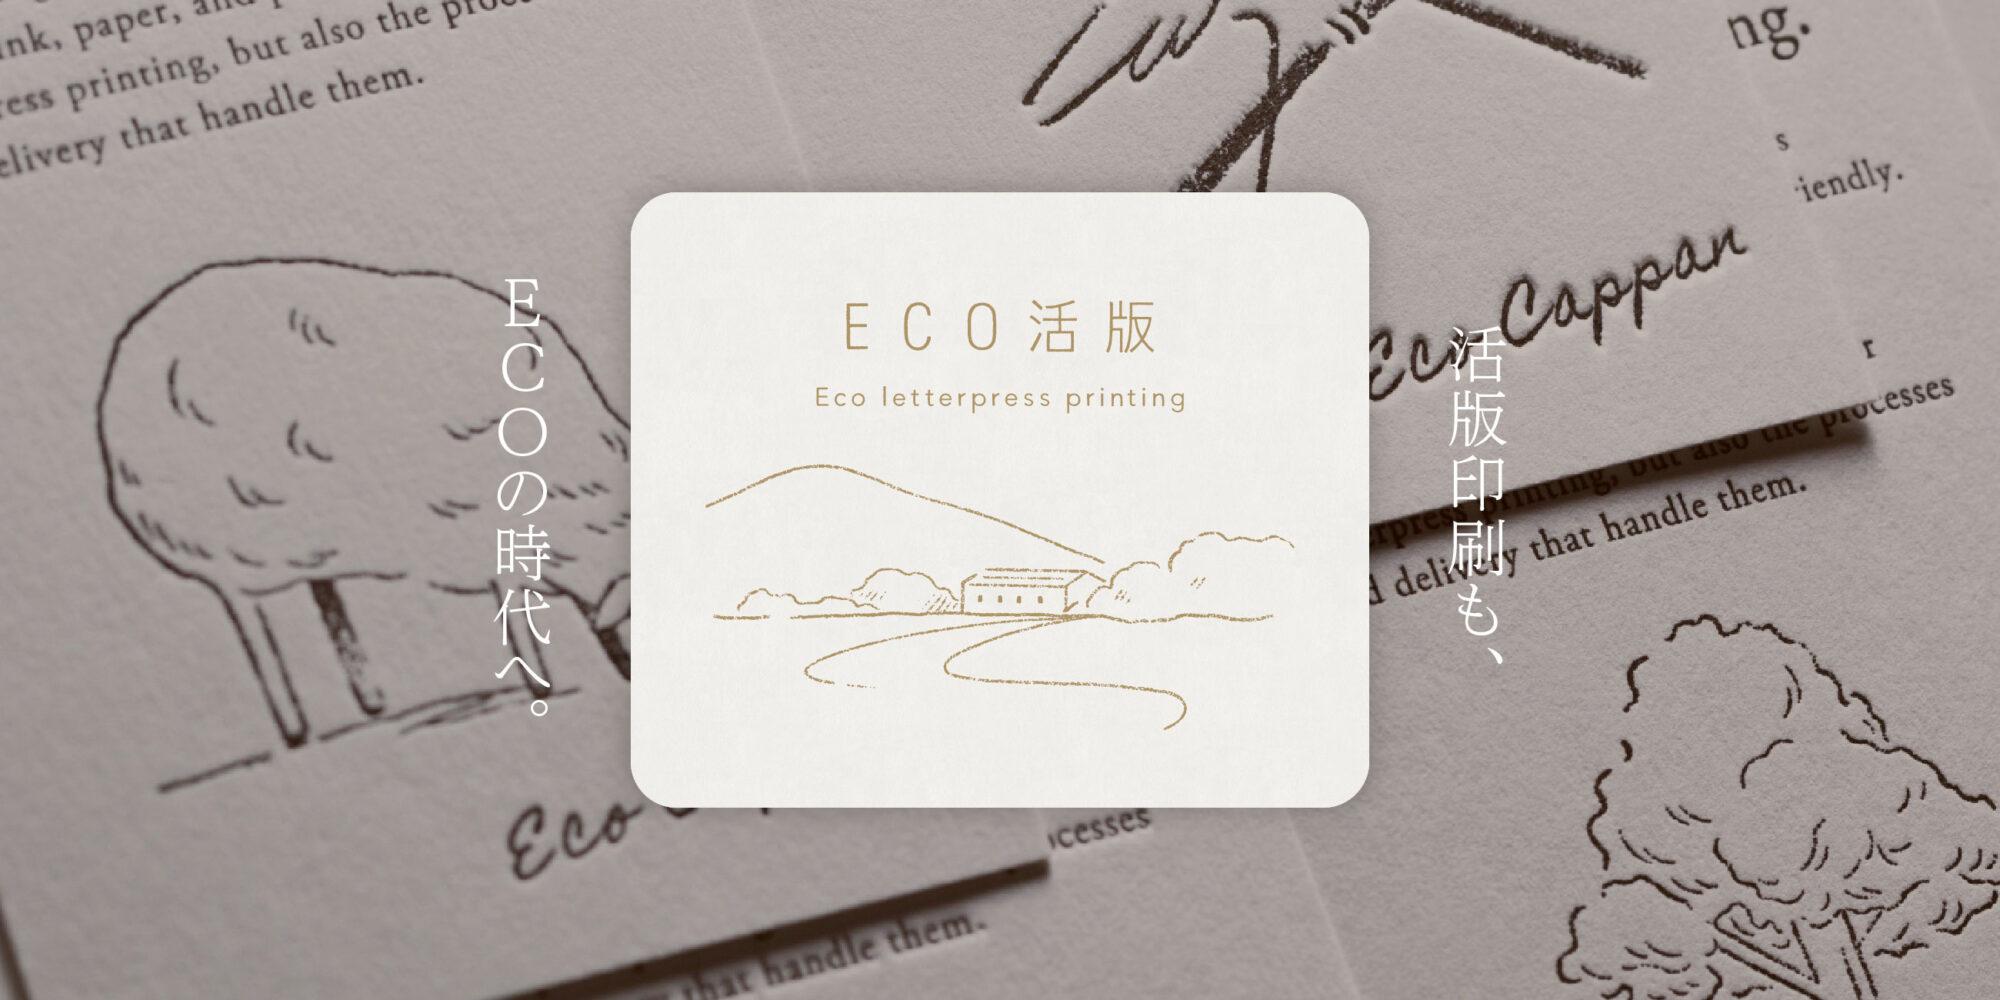 環境に配慮した活版印刷「ECO活版」誕生。